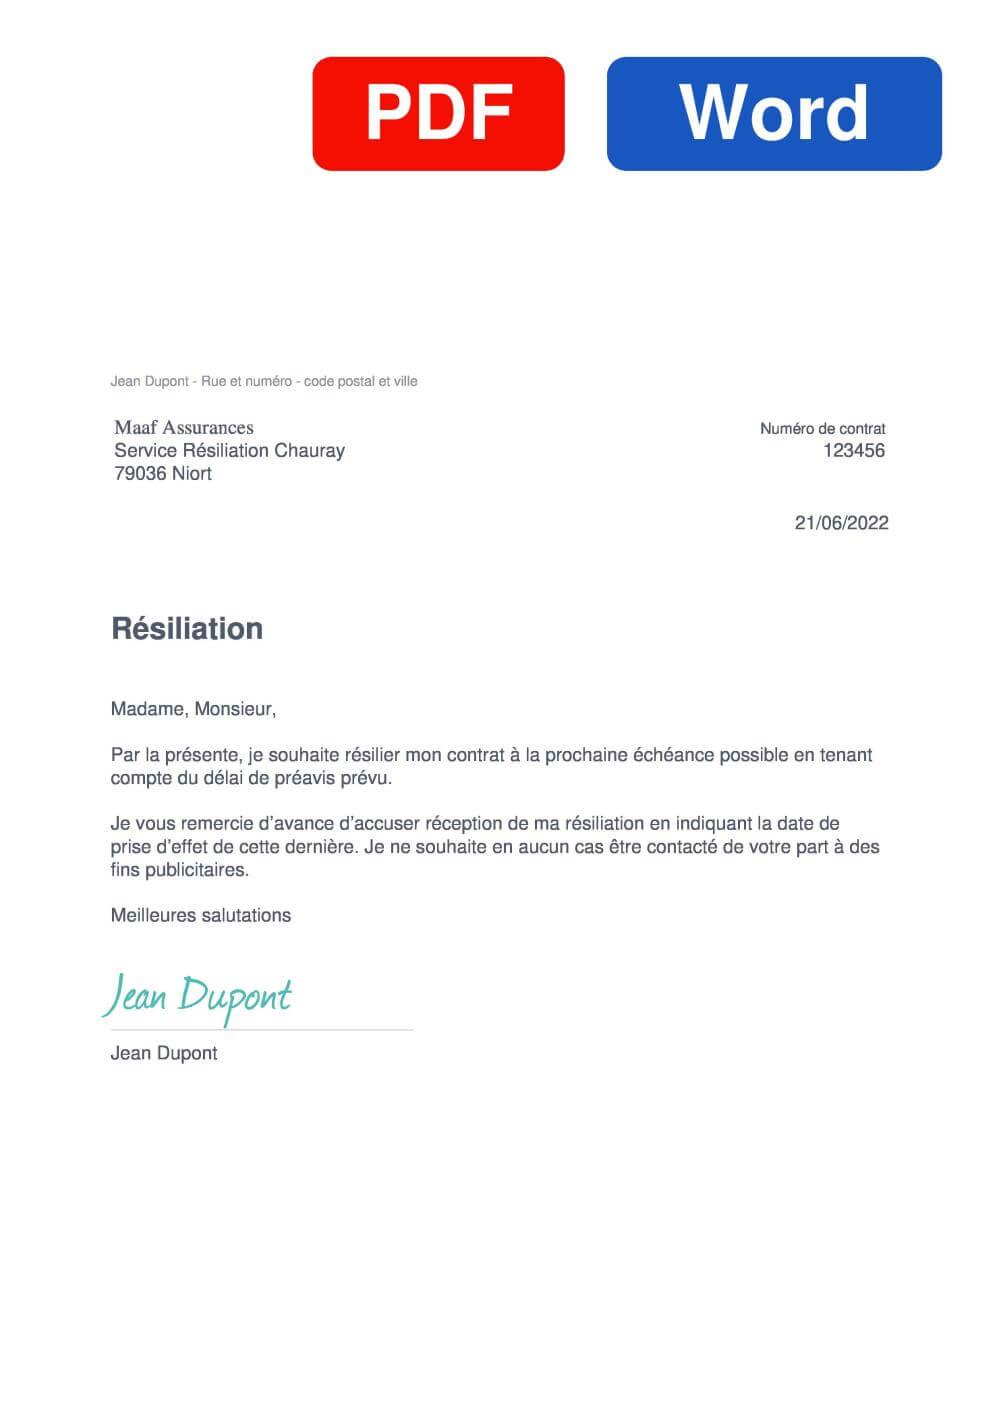 MAAF décès Assurance Modèle de lettre de résiliation